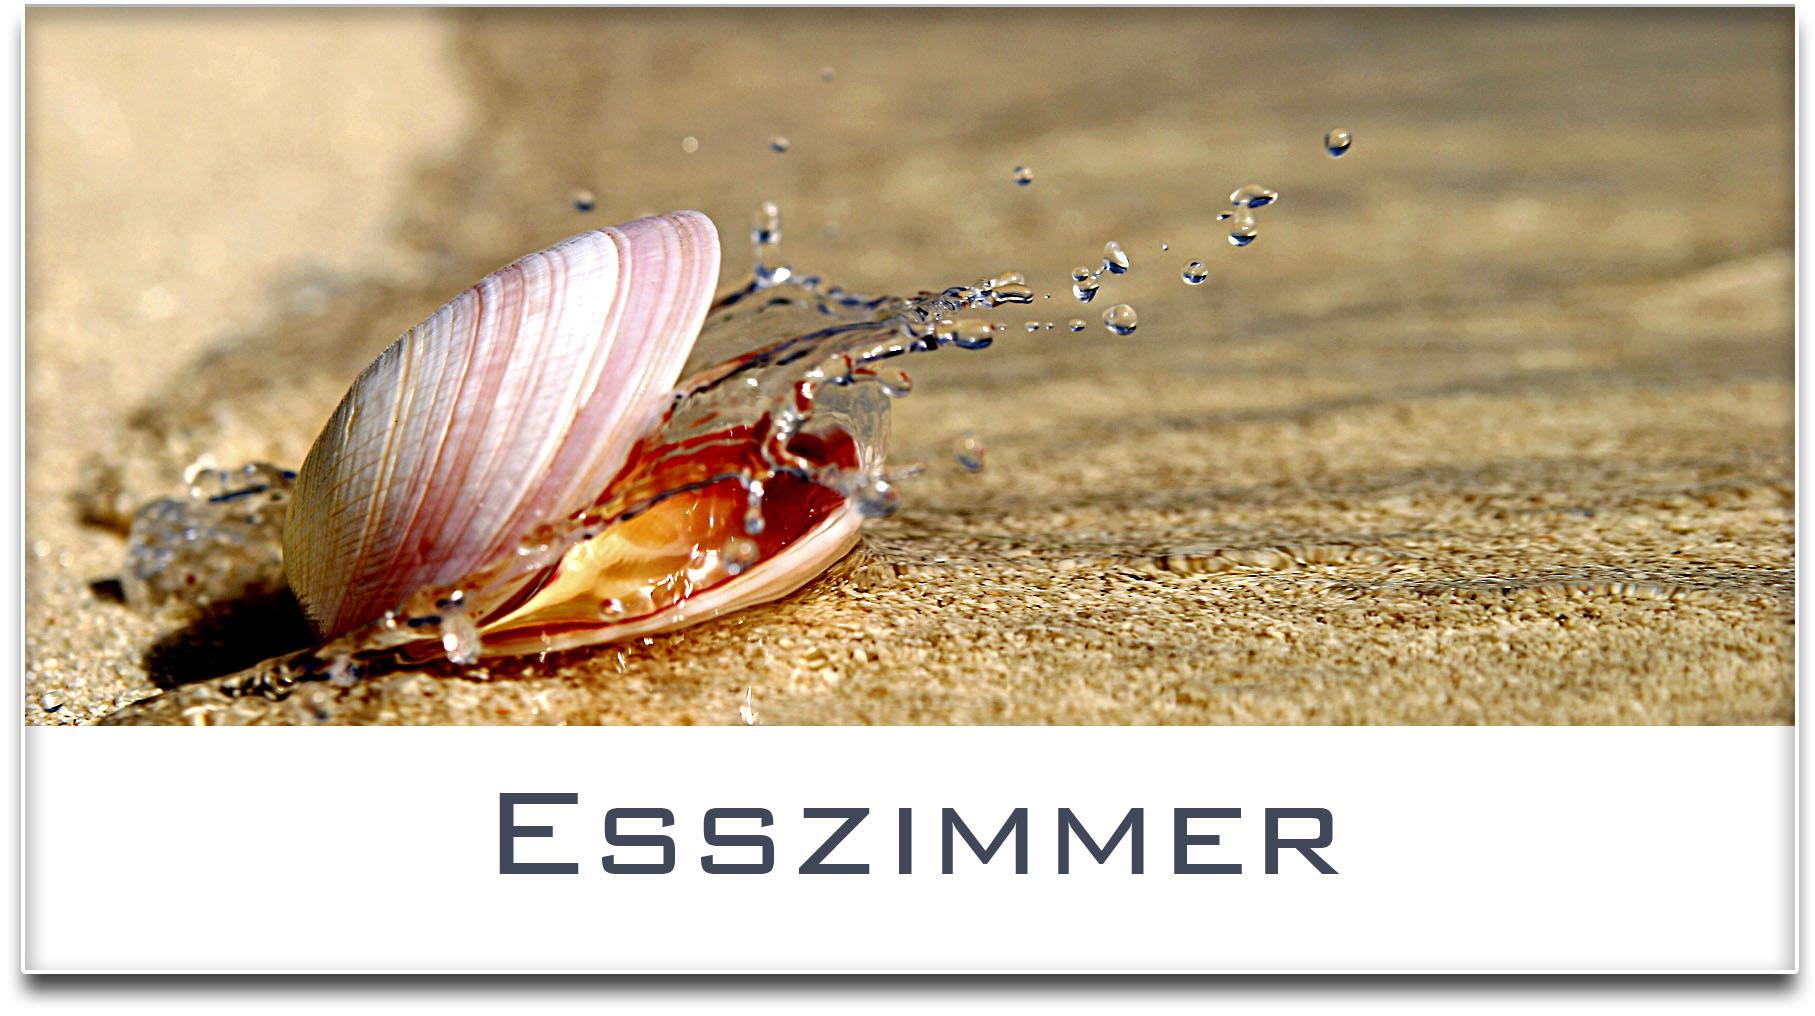 Türschild / Haustürschild / Muschel / Esszimmer / Selbstklebend